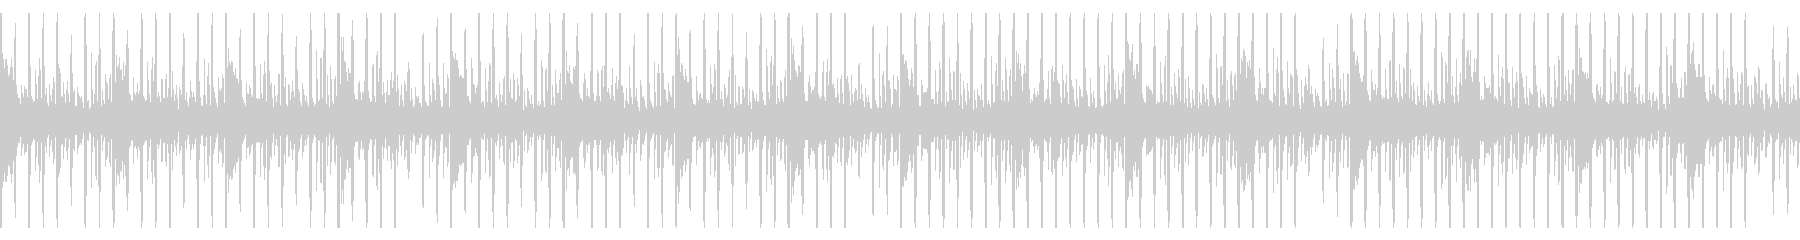 ループ仕様・ニュースヘッドラインBGM1の未再生の波形